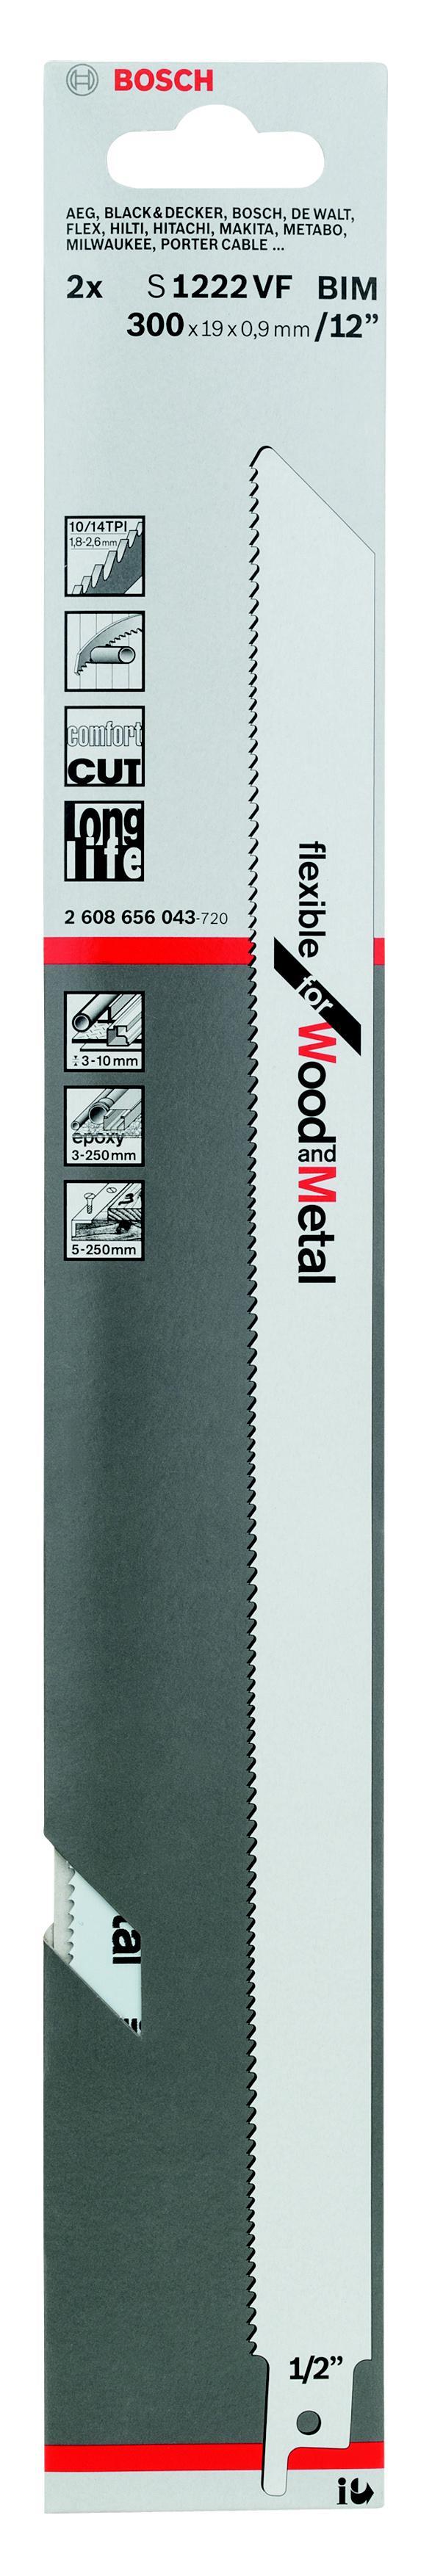 Полотно для сабельной пилы Bosch S 1222 vf (2.608.656.043) полотно для сабельной пилы bosch 300 мм для gsg 300 2 607 018 012